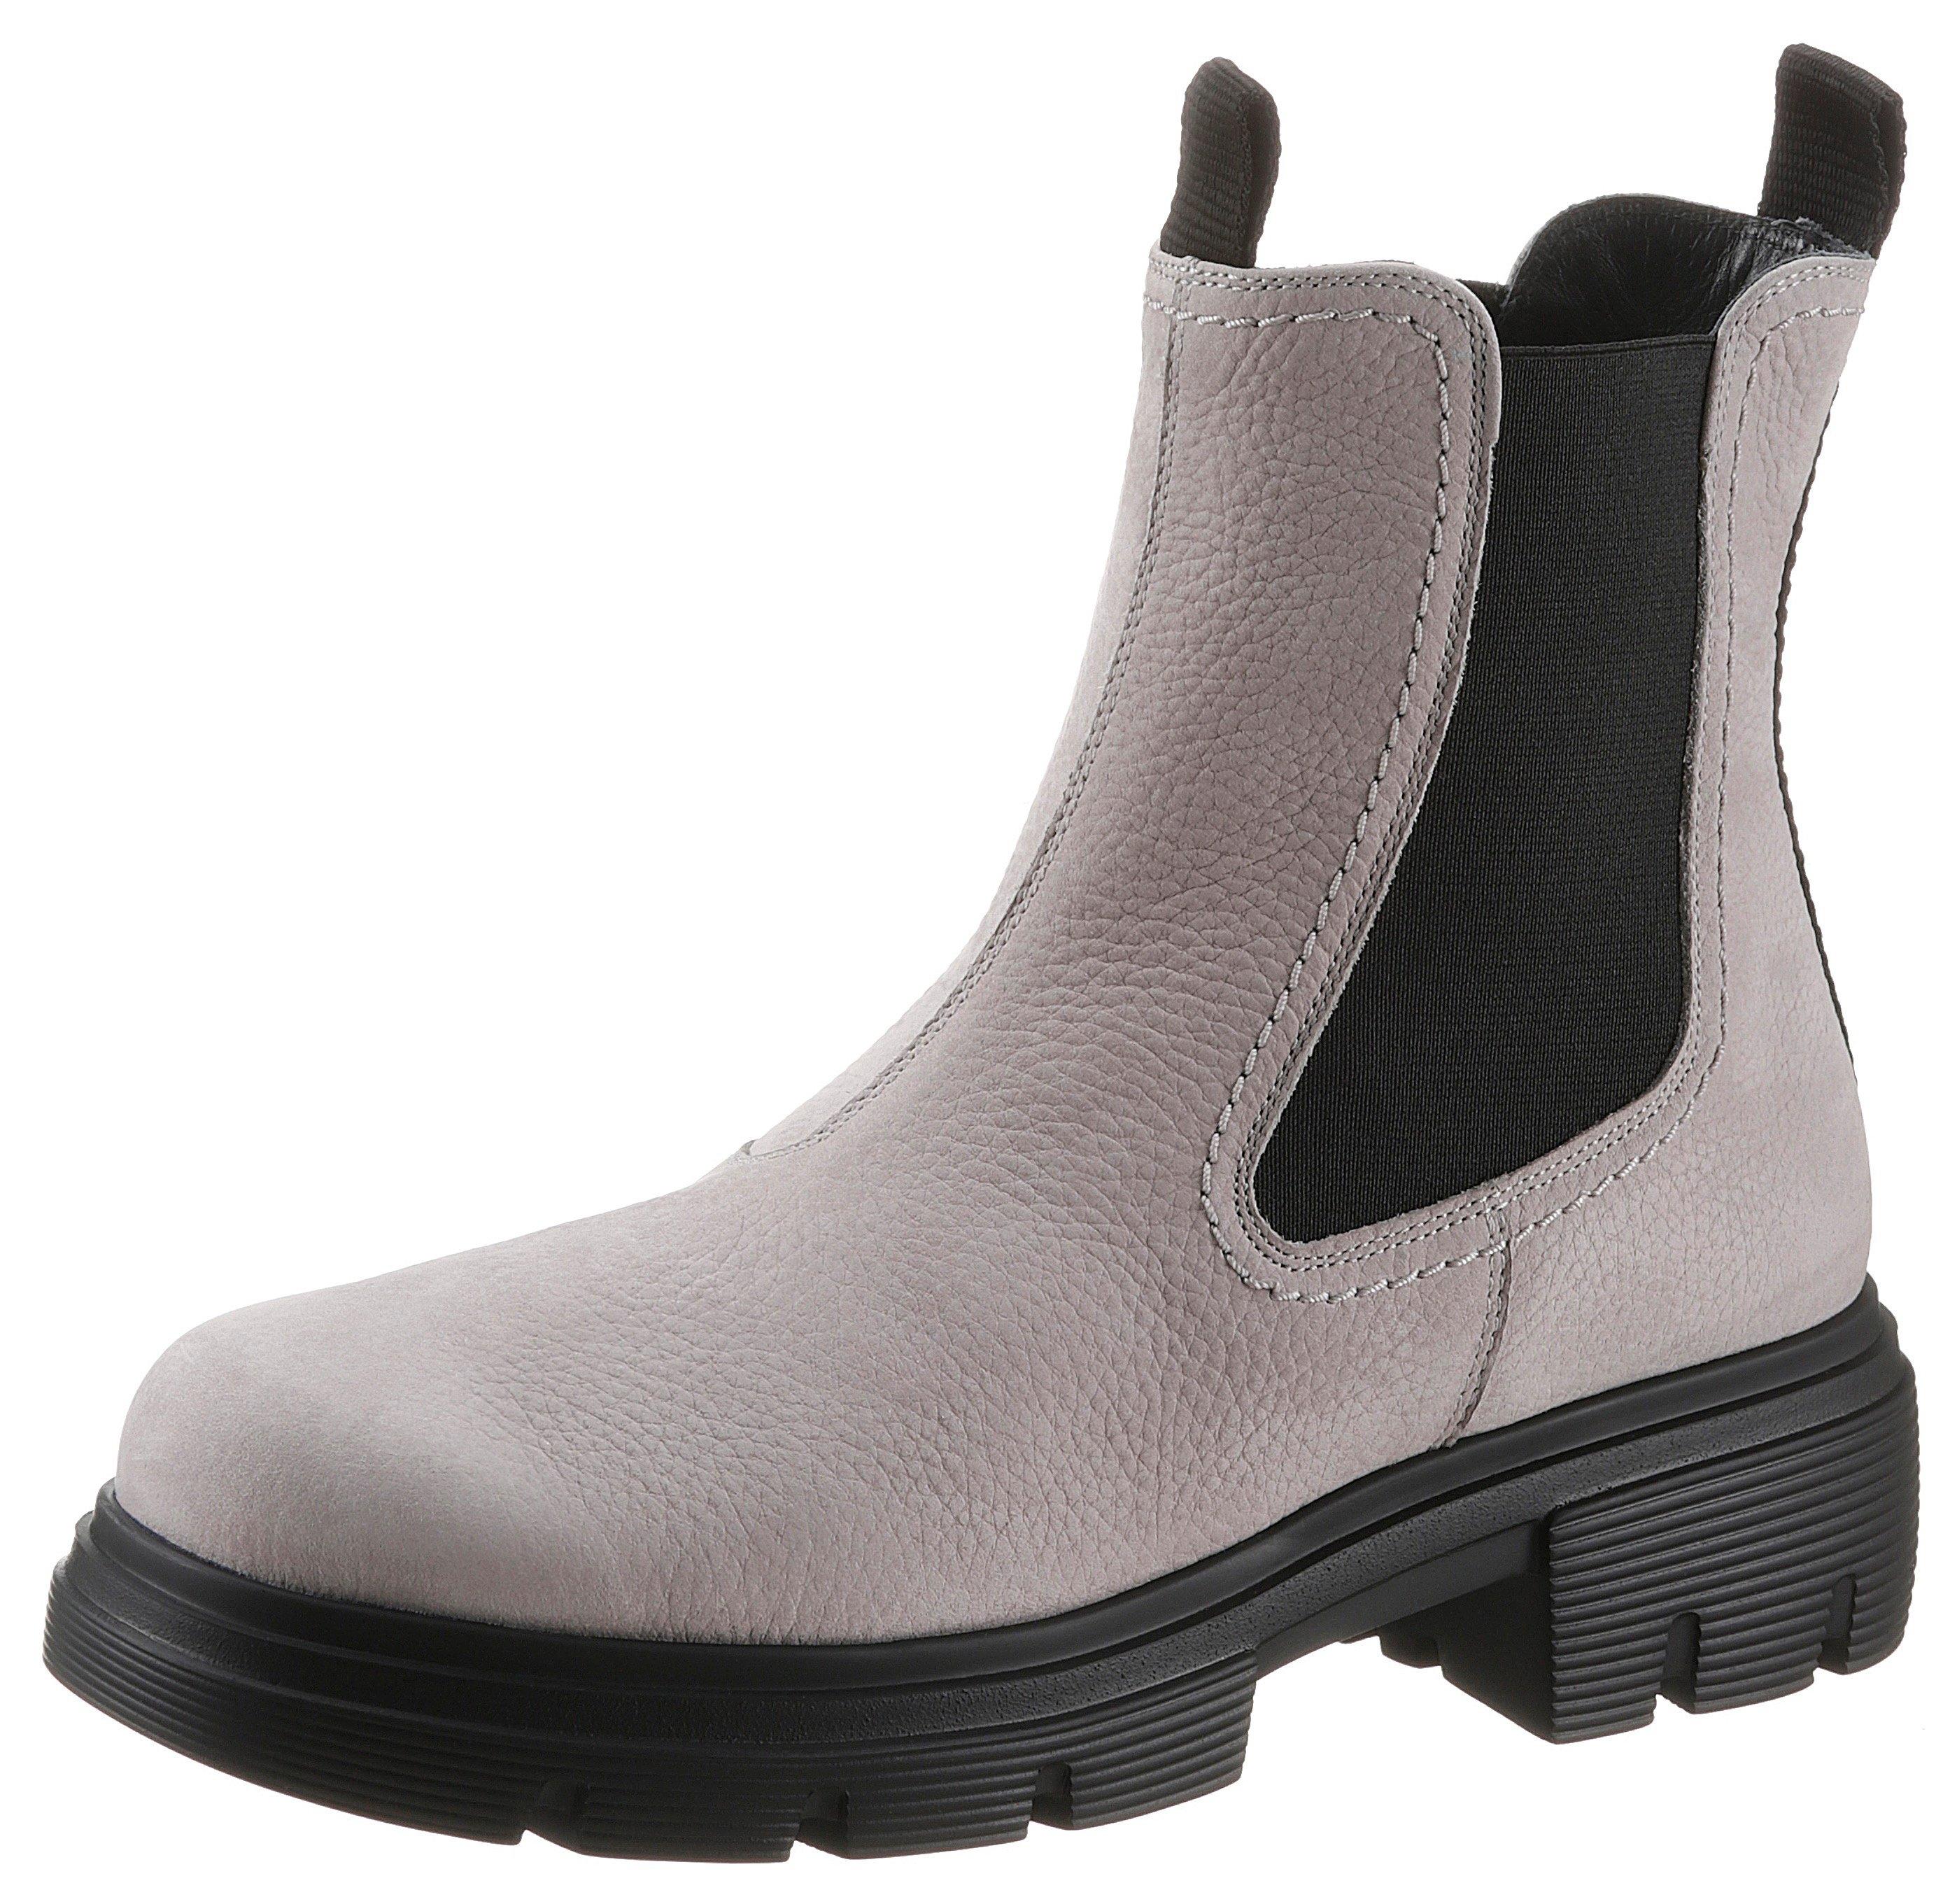 Paul Green Chelsea-boots in karakteristiek comfortmodel online kopen op otto.nl